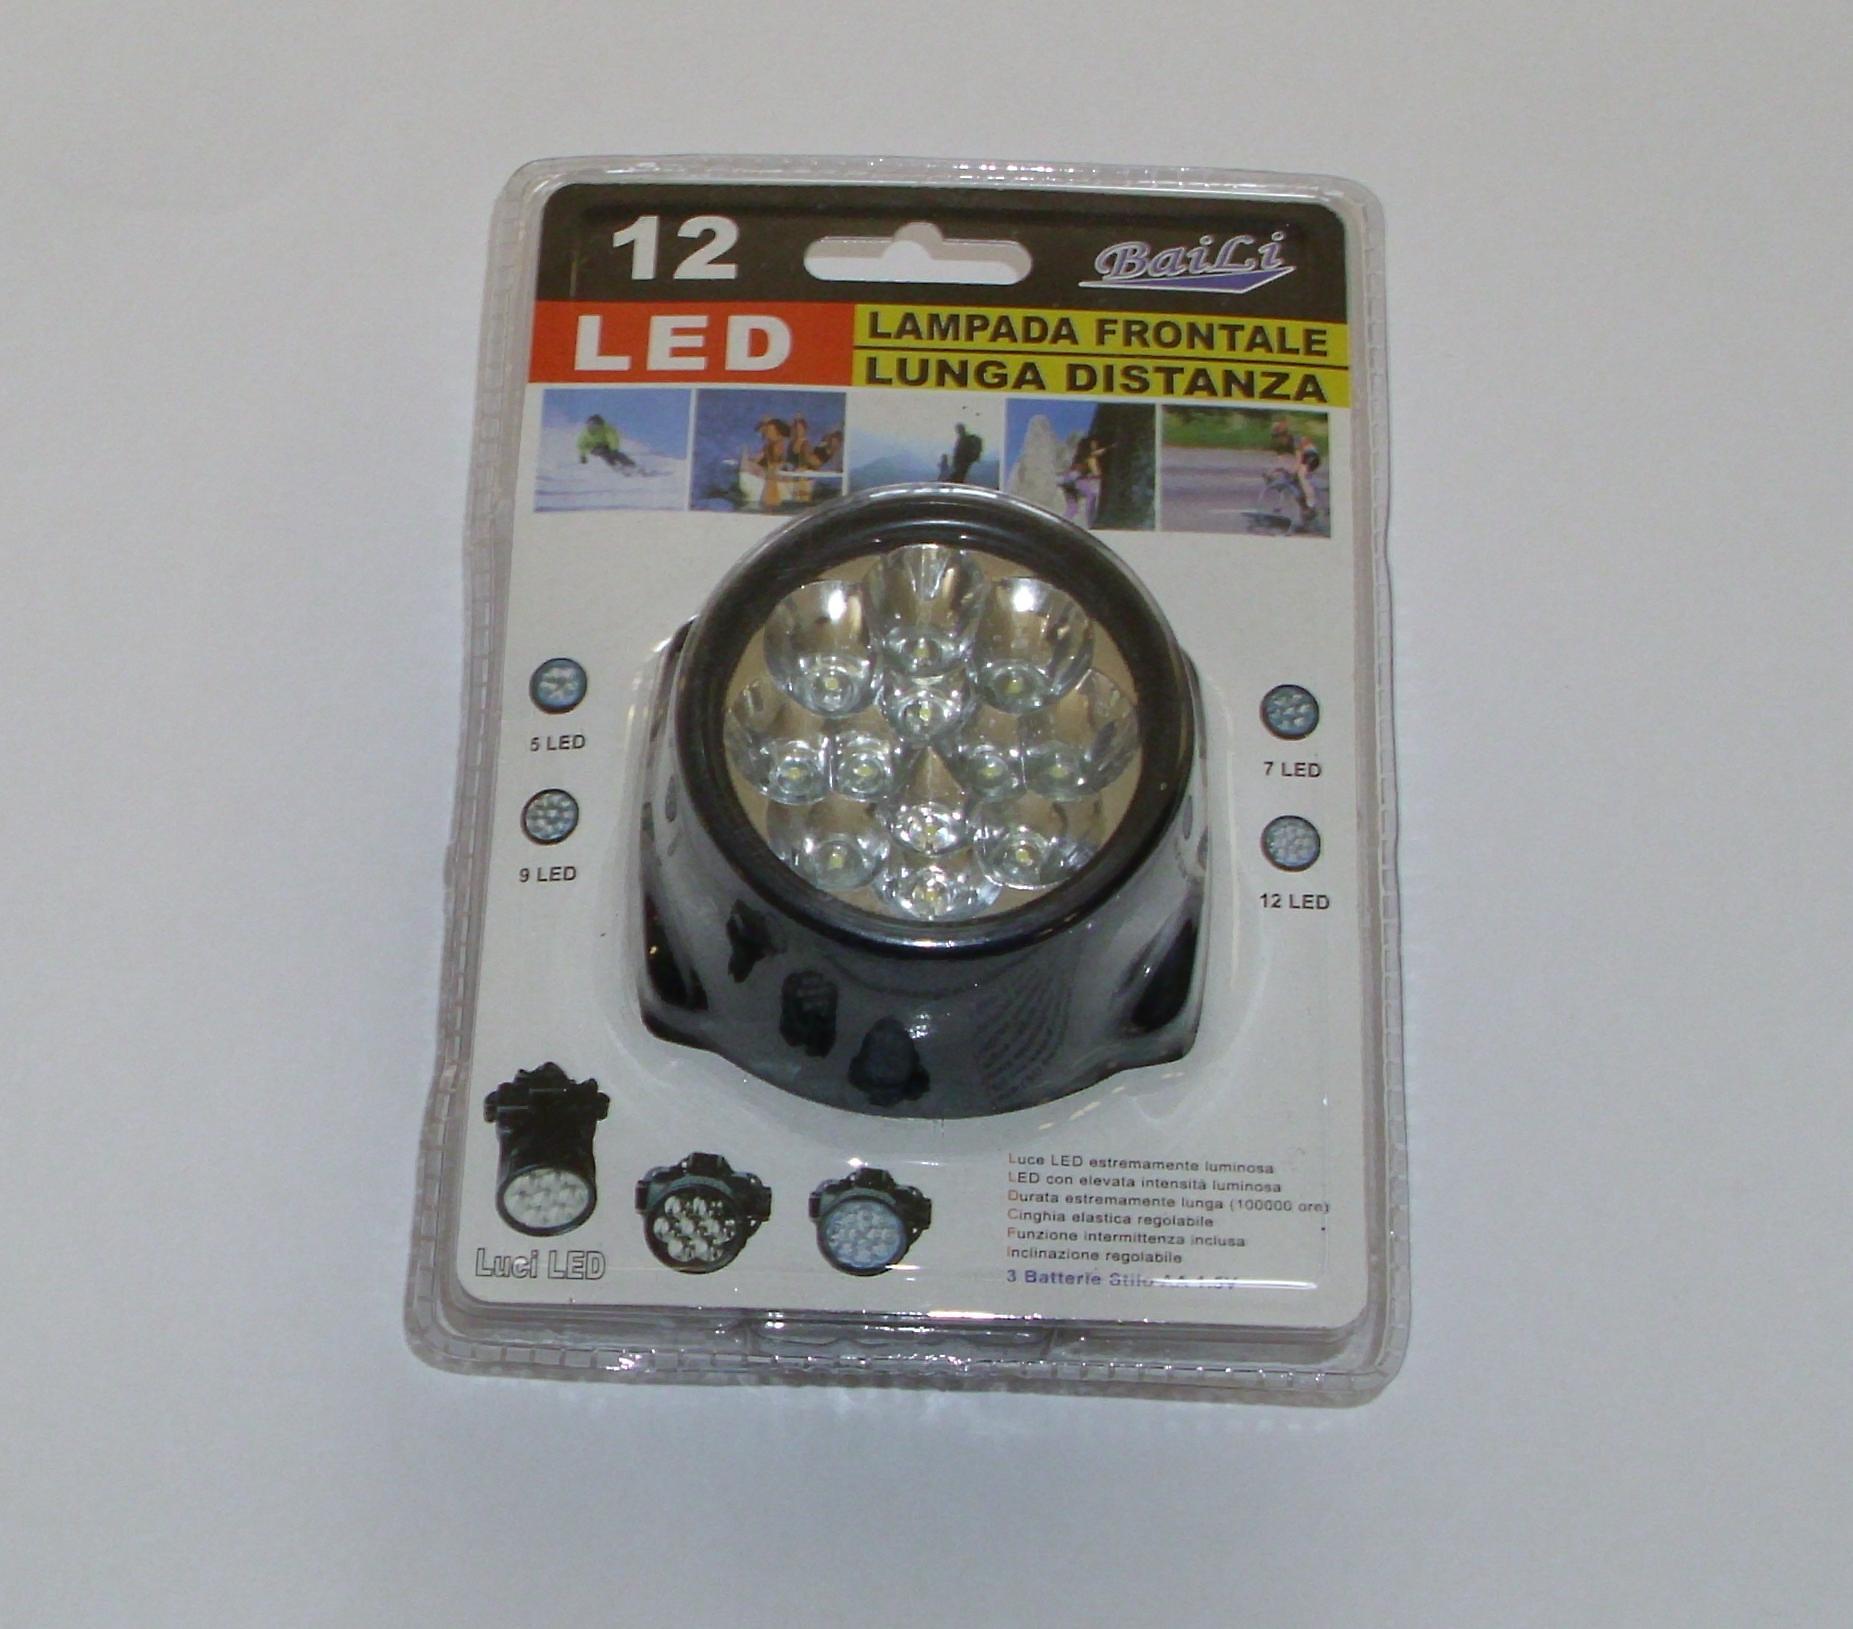 Lampada frontale regolabile con 12 led a lunga distanza for Lampada led lunga